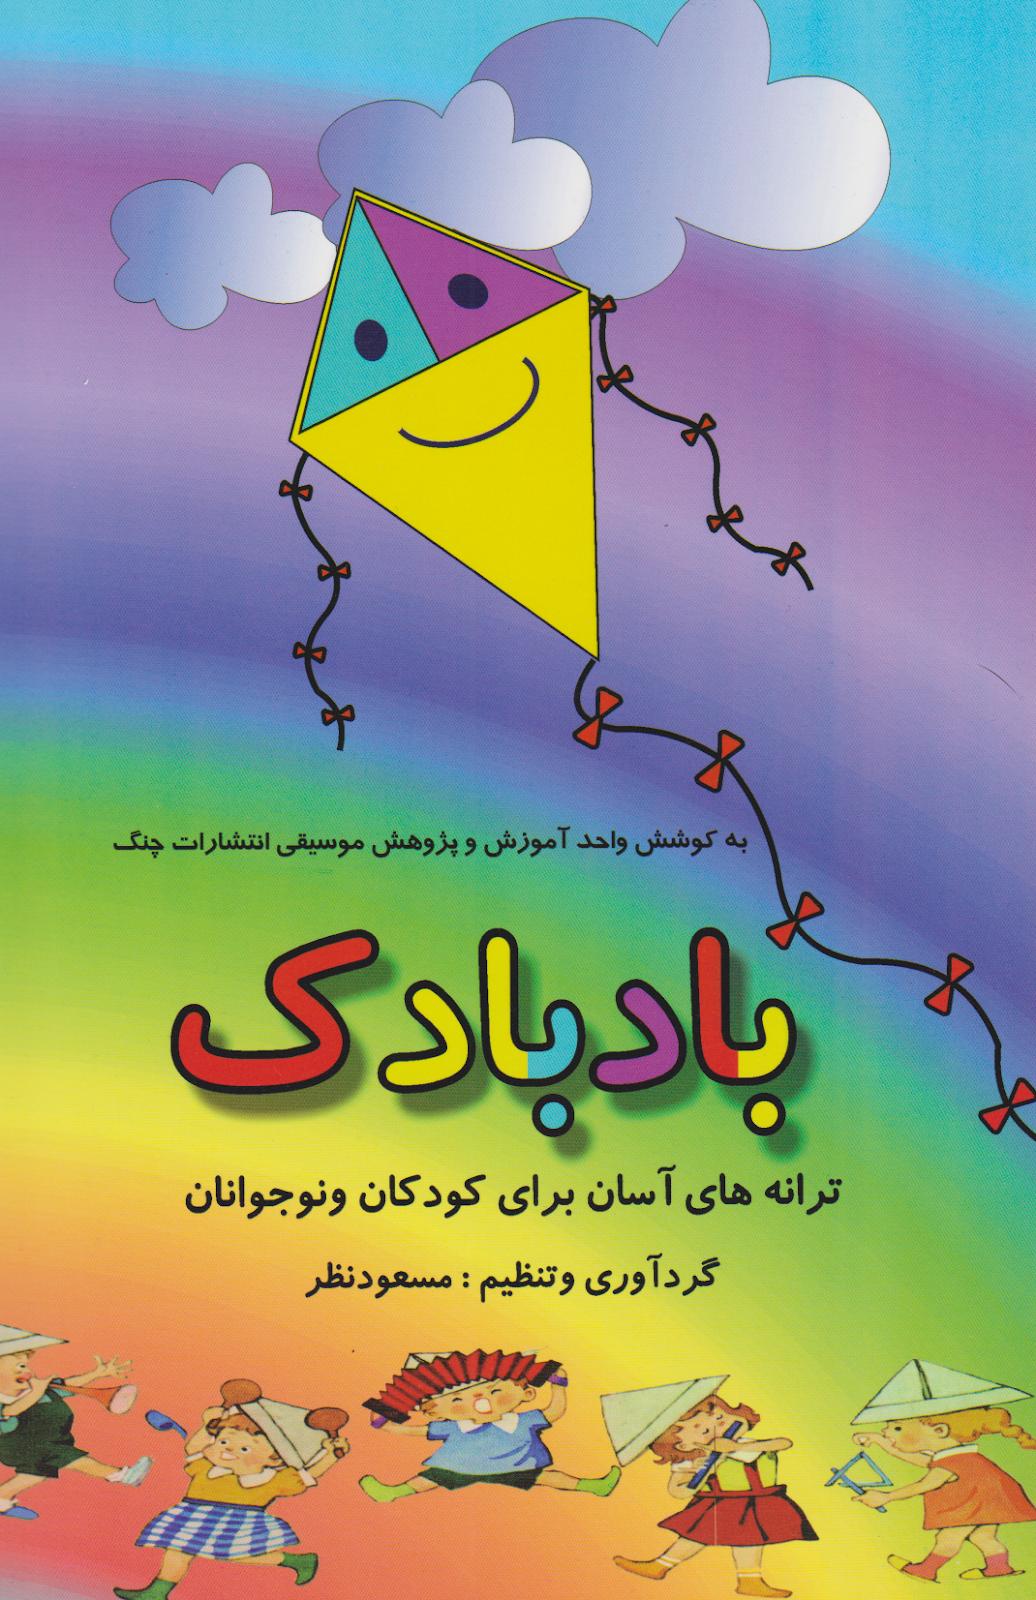 کتاب بادبادک مسعود نظر انتشارات چنگ